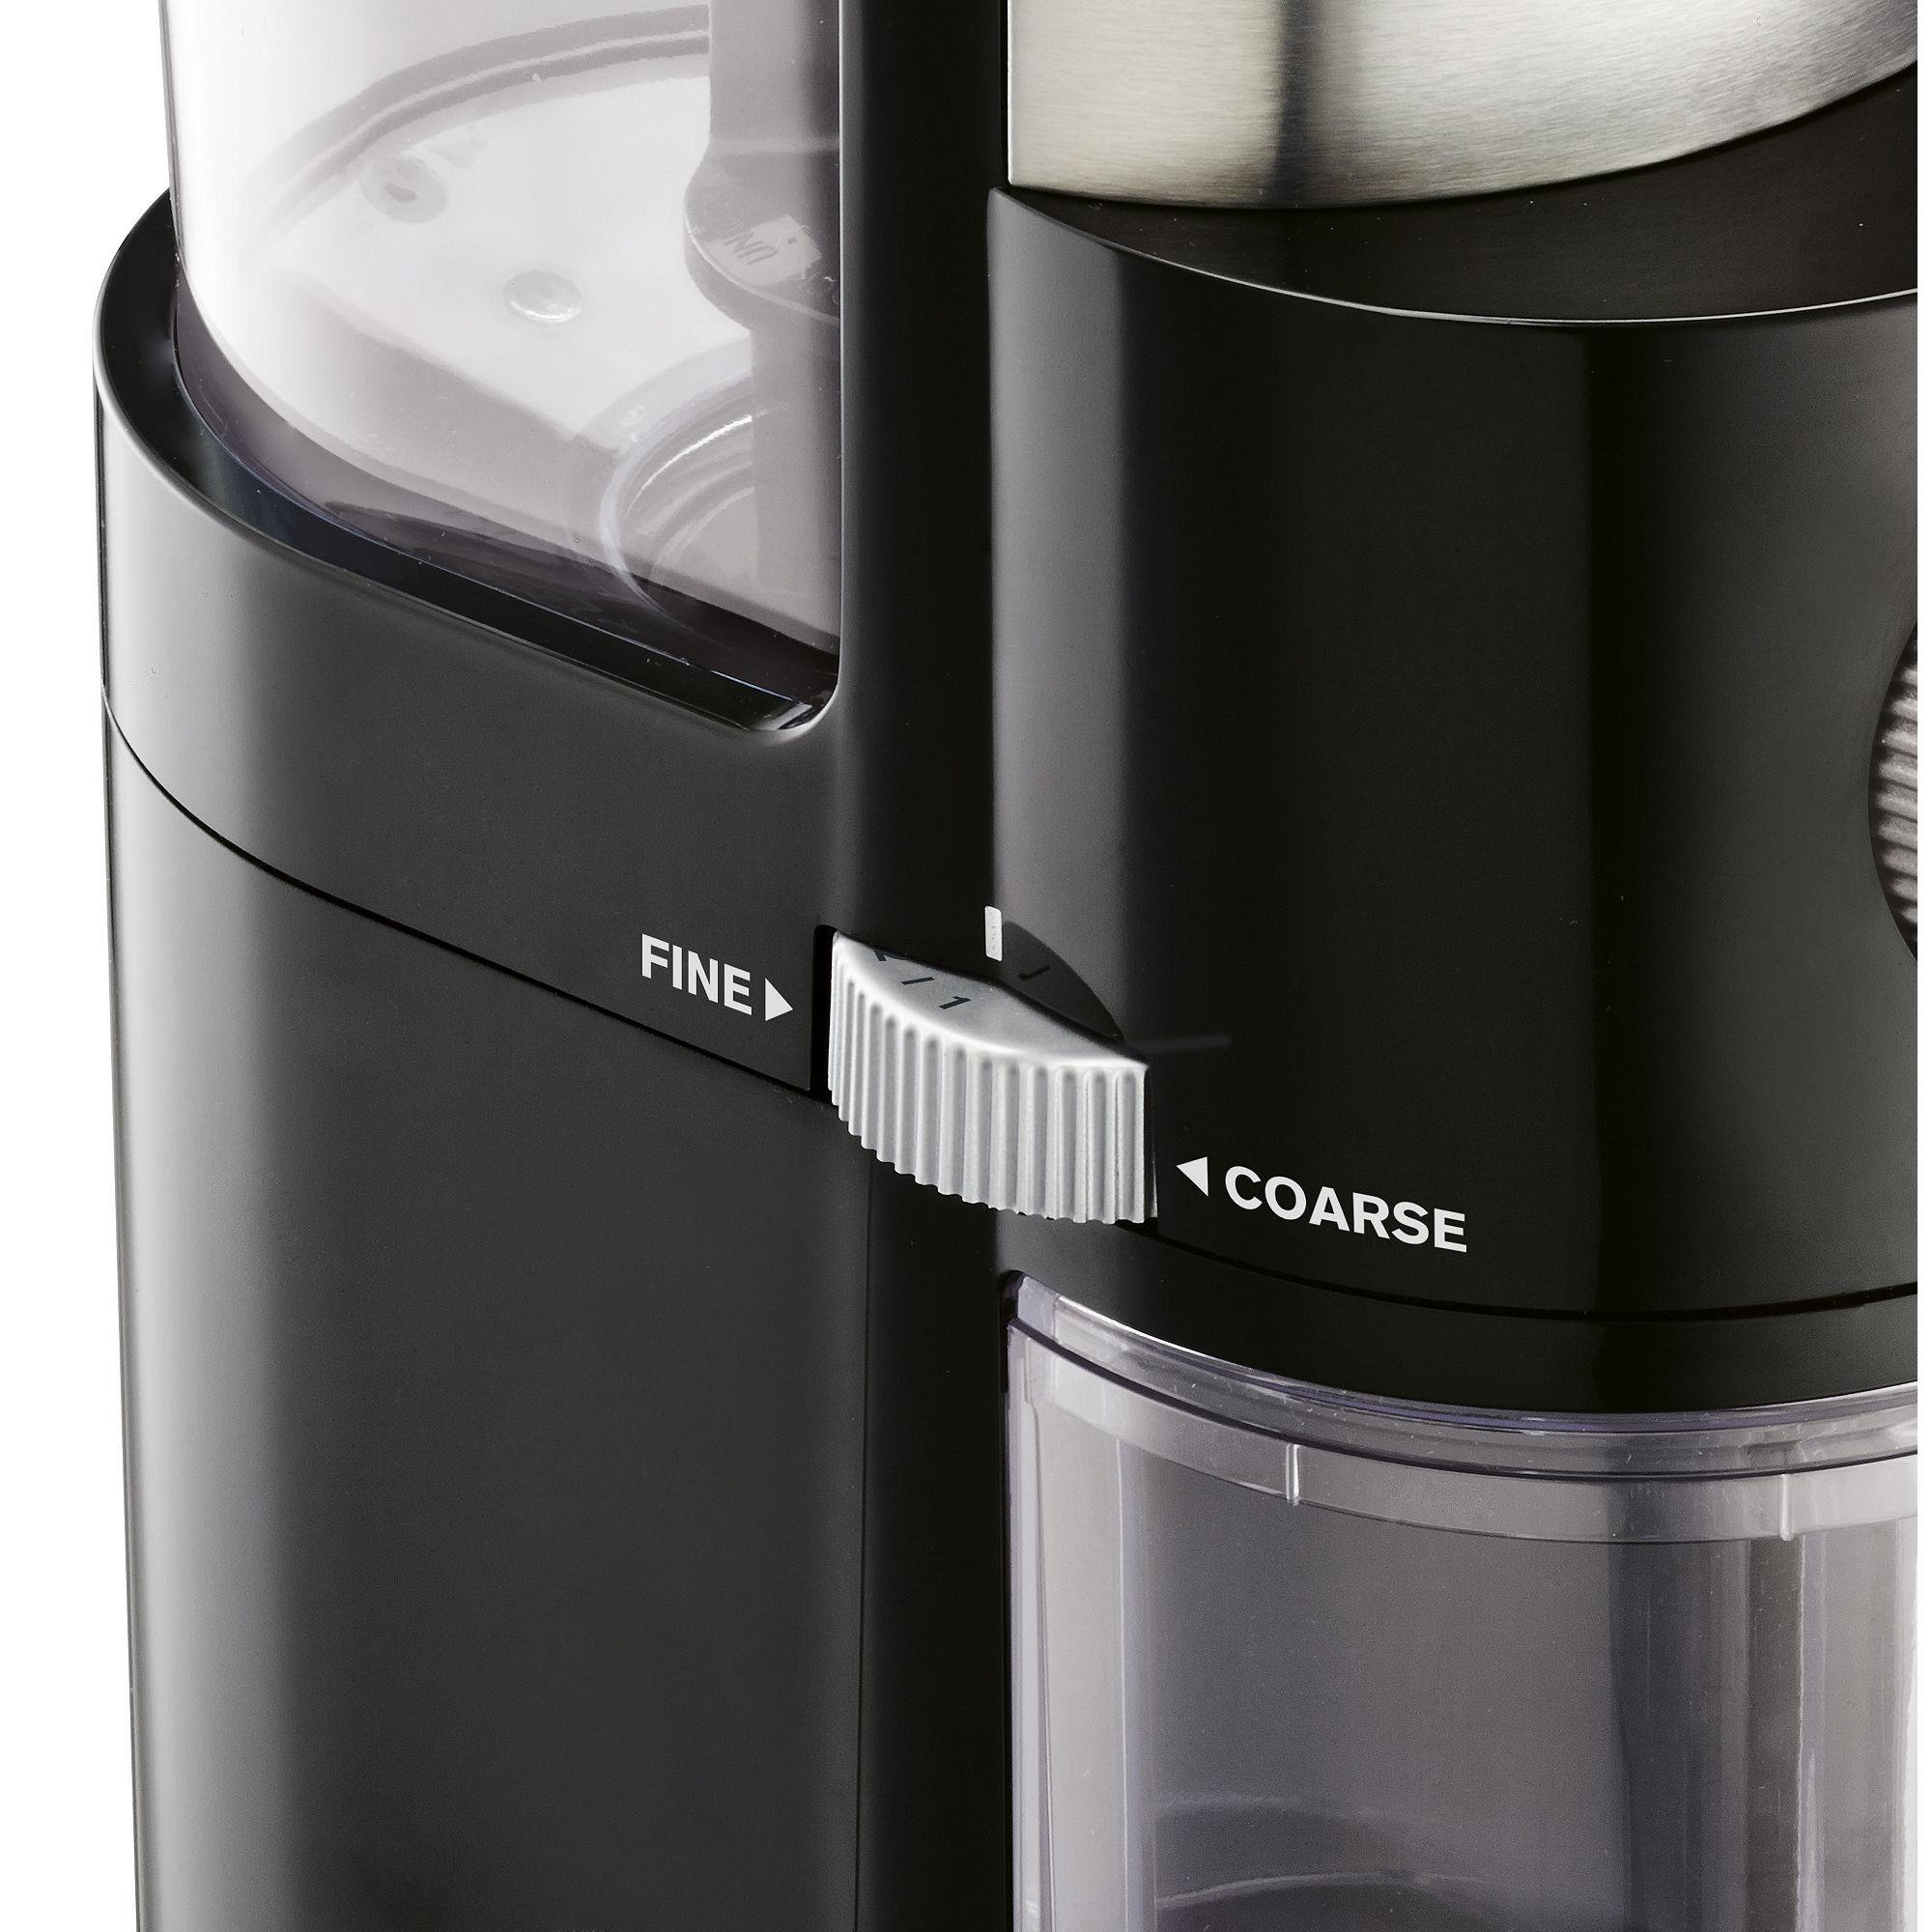 Krups Gx500050 Coffee Grinder